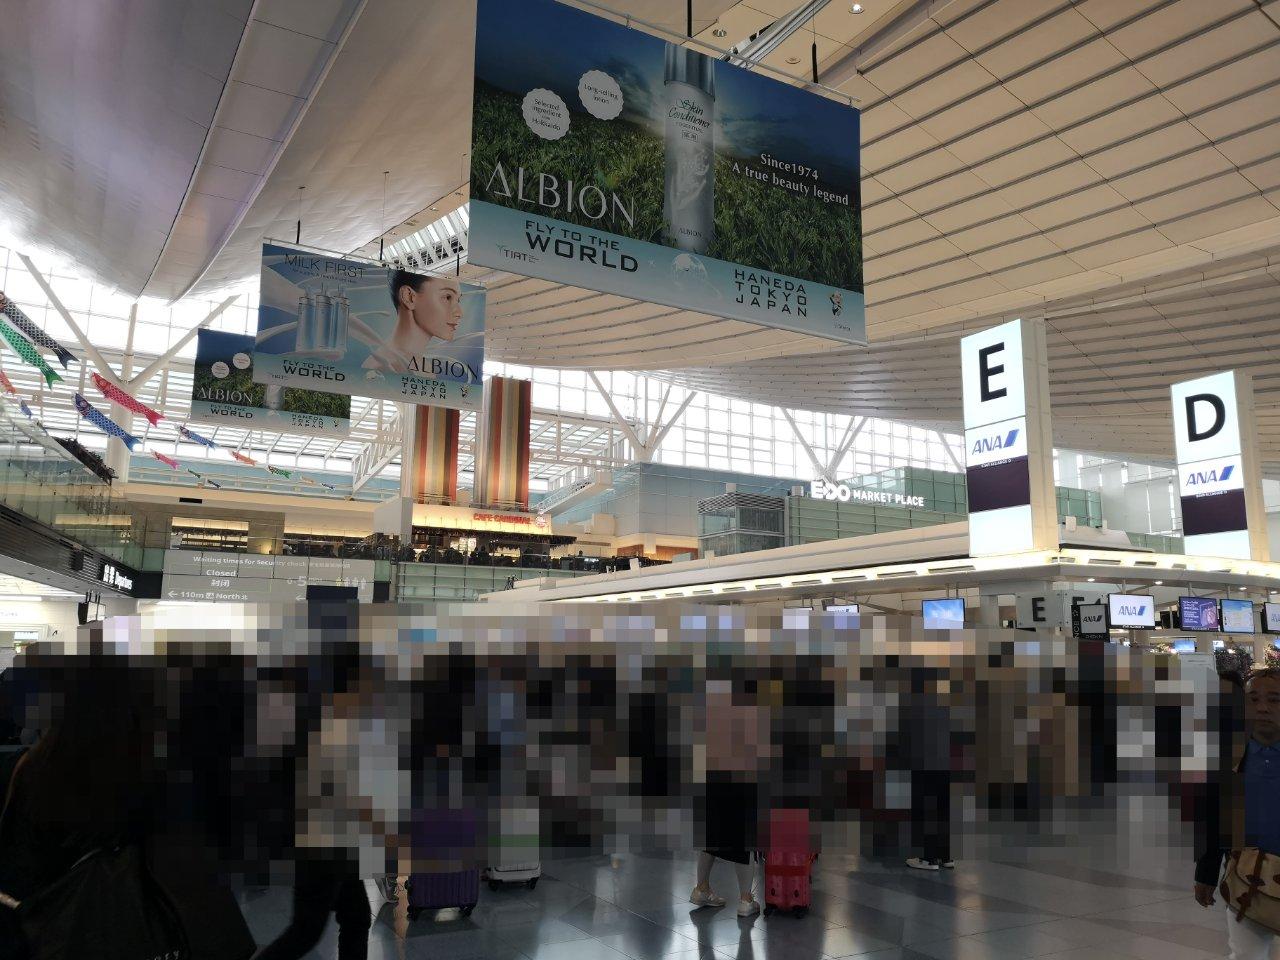 羽田国際線ターミナル1